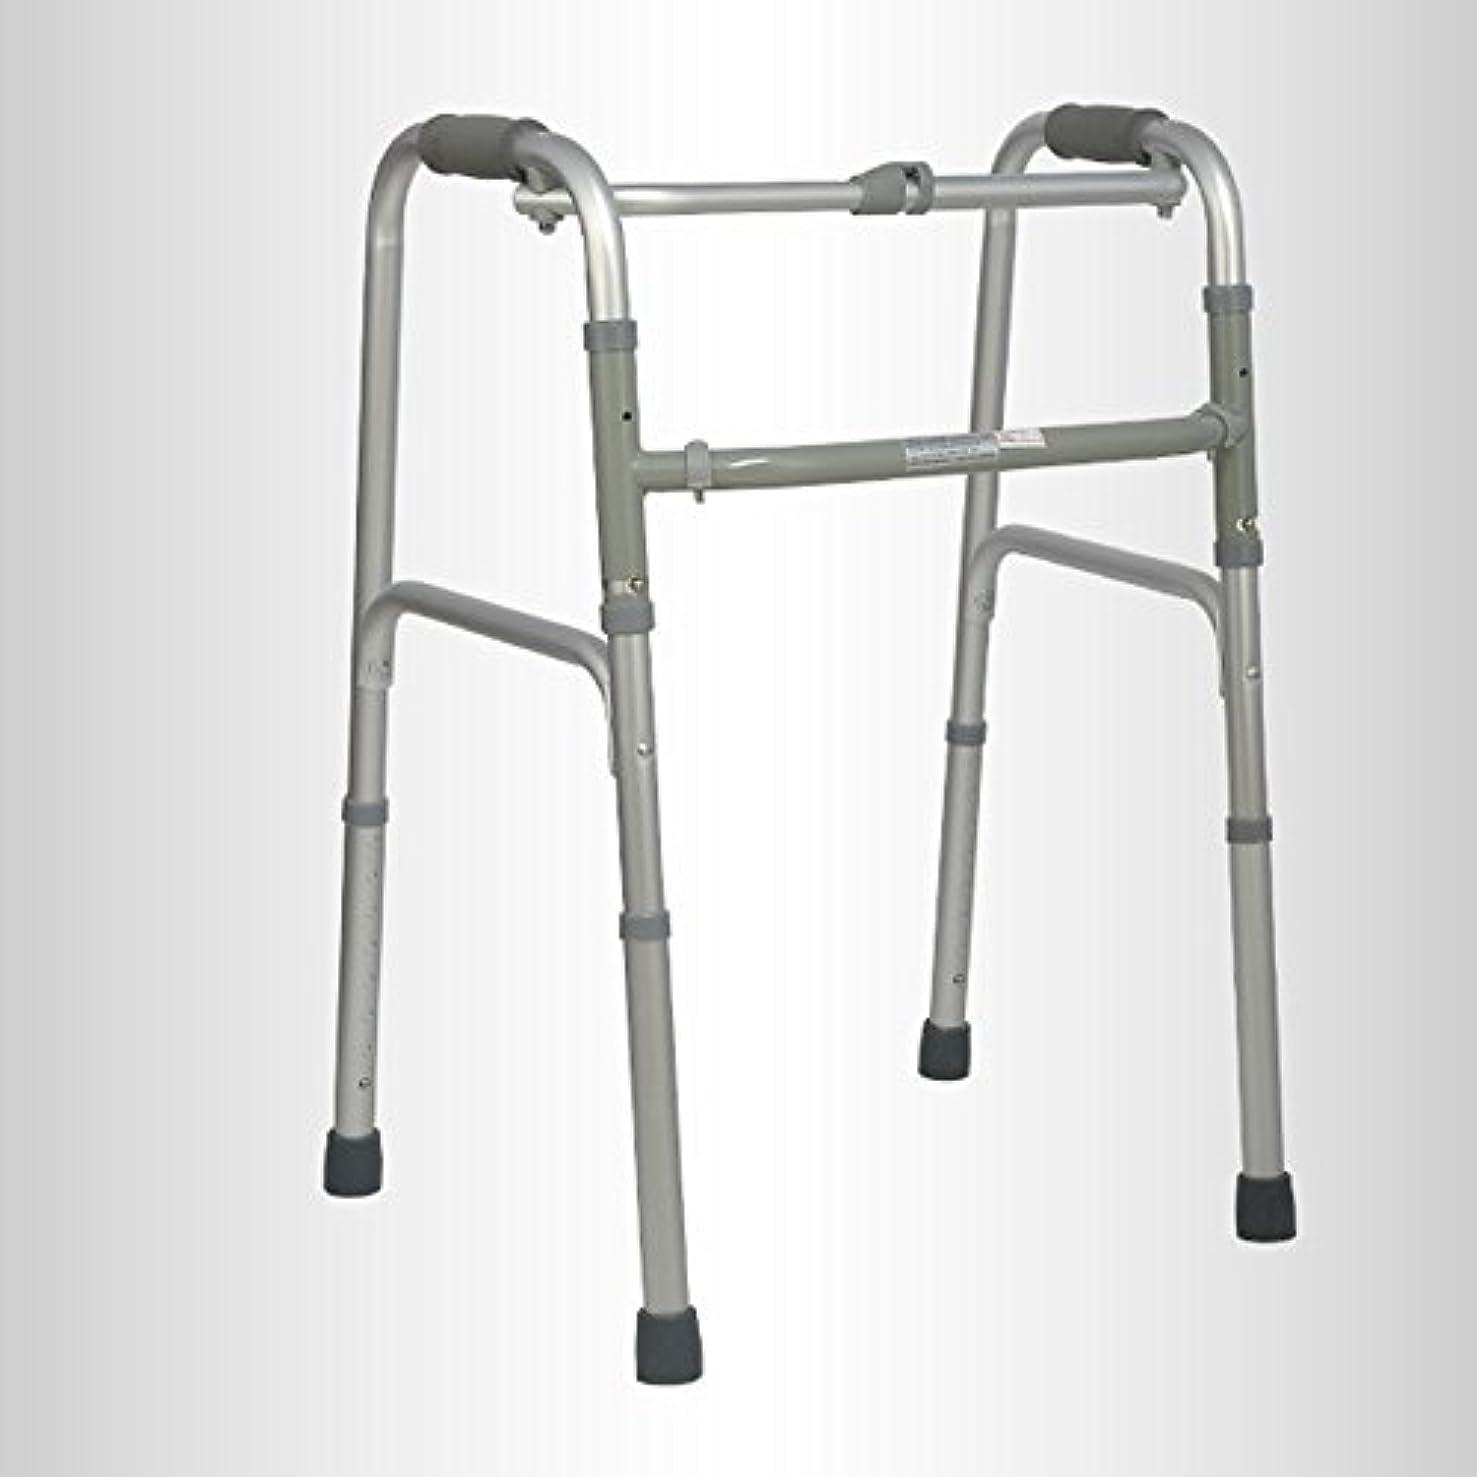 に変わる資金リア王QFFL 松葉杖高齢者アルミニウム松葉杖滑り止め無しポータブル折りたたみ四足松葉杖2色使用可能 松葉杖ウォーカー (色 : B)